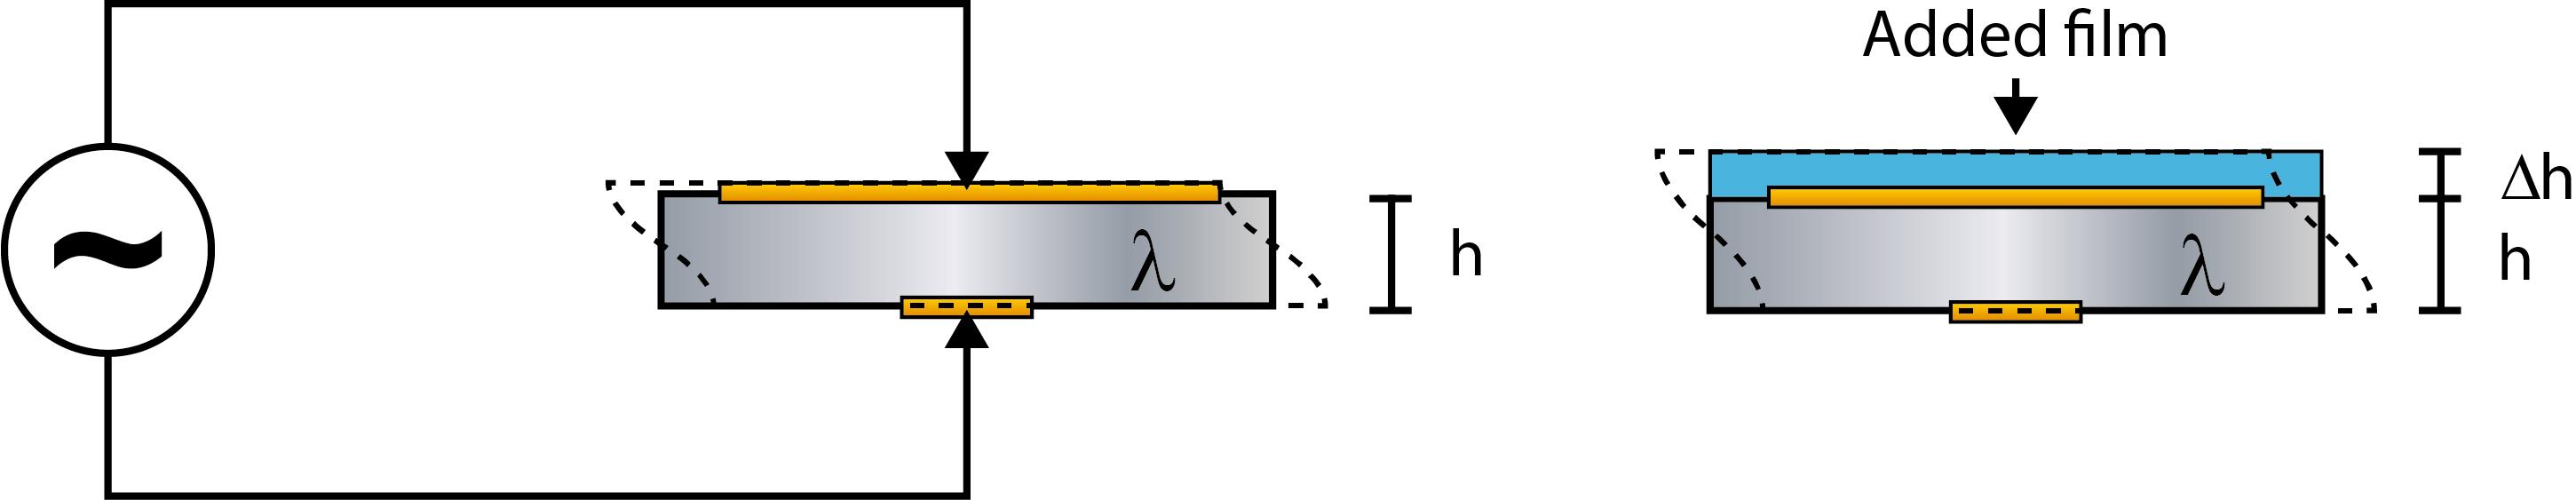 Sauerbrey equation-1